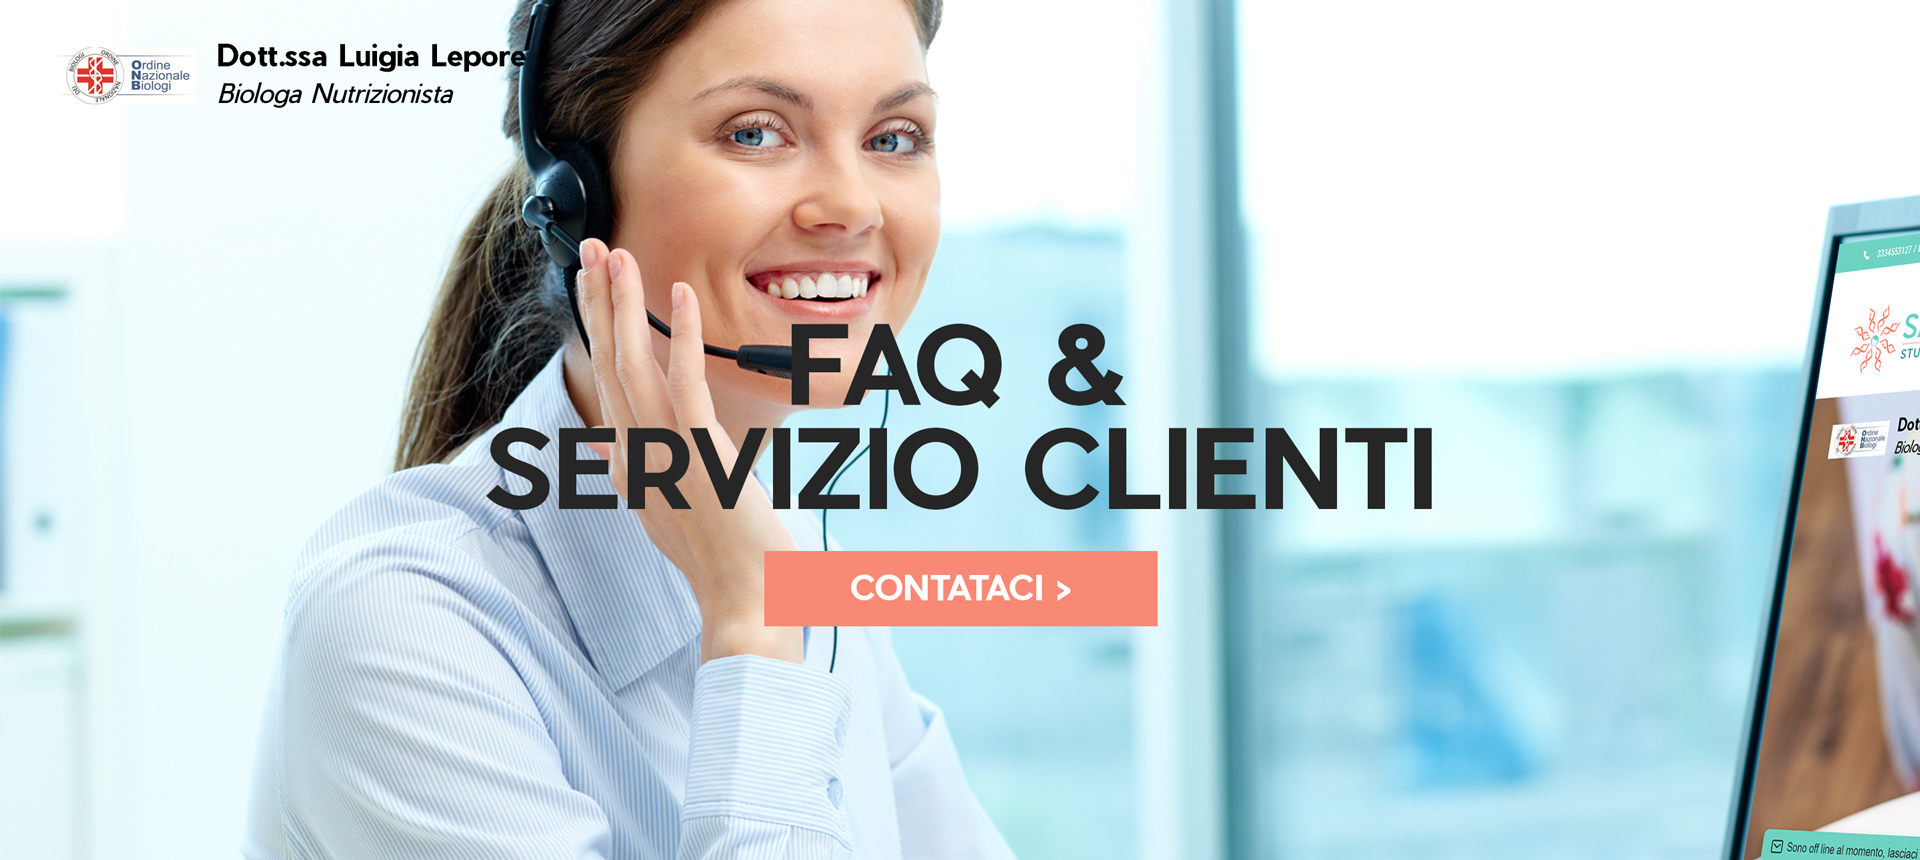 Faq-Servizio-Clienti-Sanaline